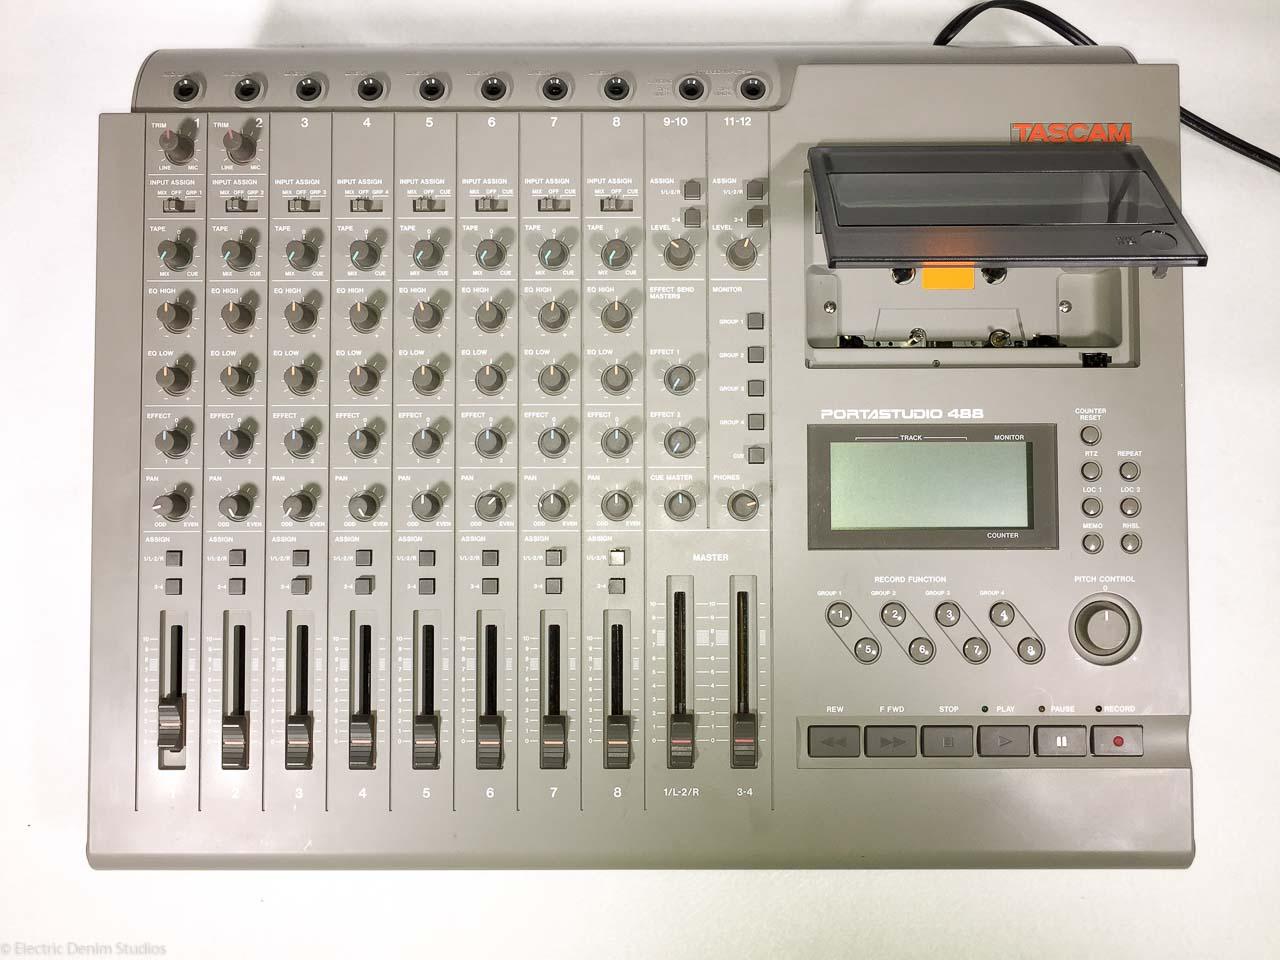 tascam portastudio 488 mk1 vintage 8 track cassette tape recorder. Black Bedroom Furniture Sets. Home Design Ideas